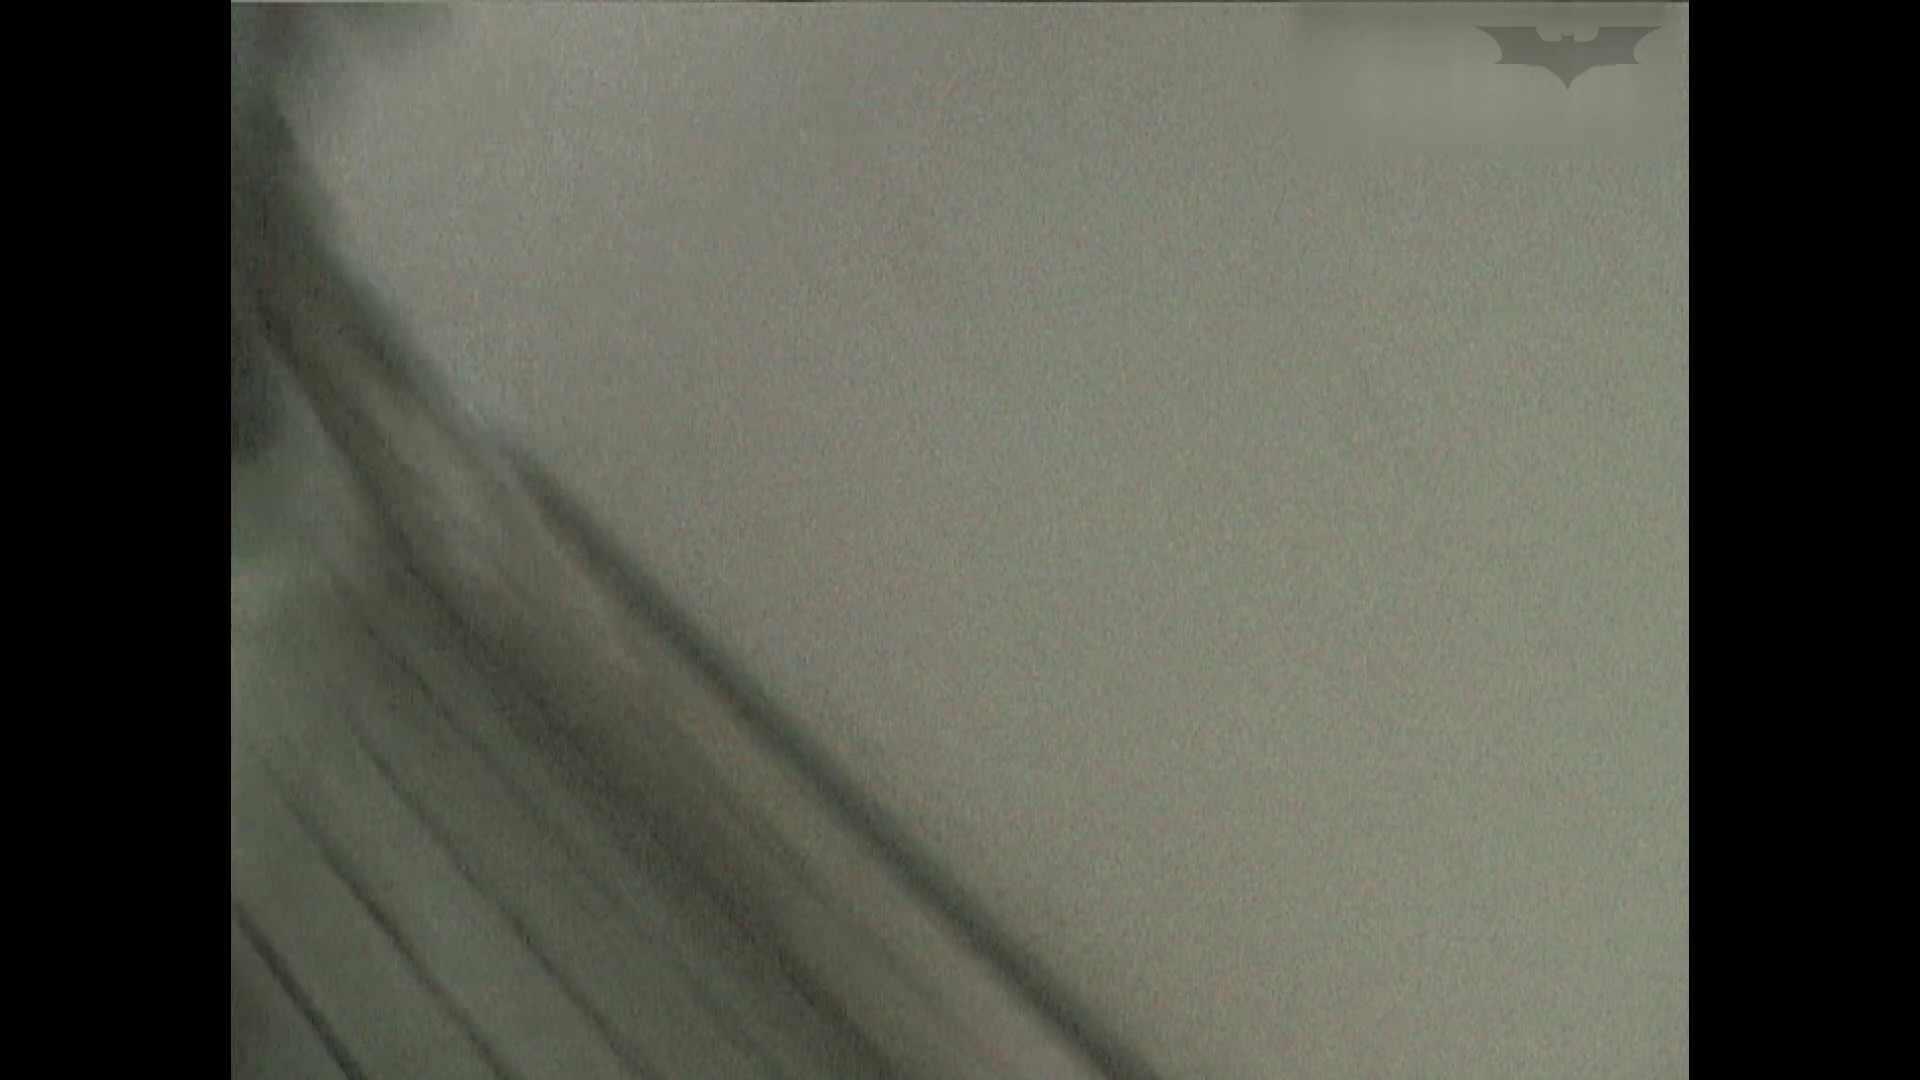 ツルマンから流れるあったかい聖水 期間限定神降臨!ツルピカ聖水! マンコ  102画像 66